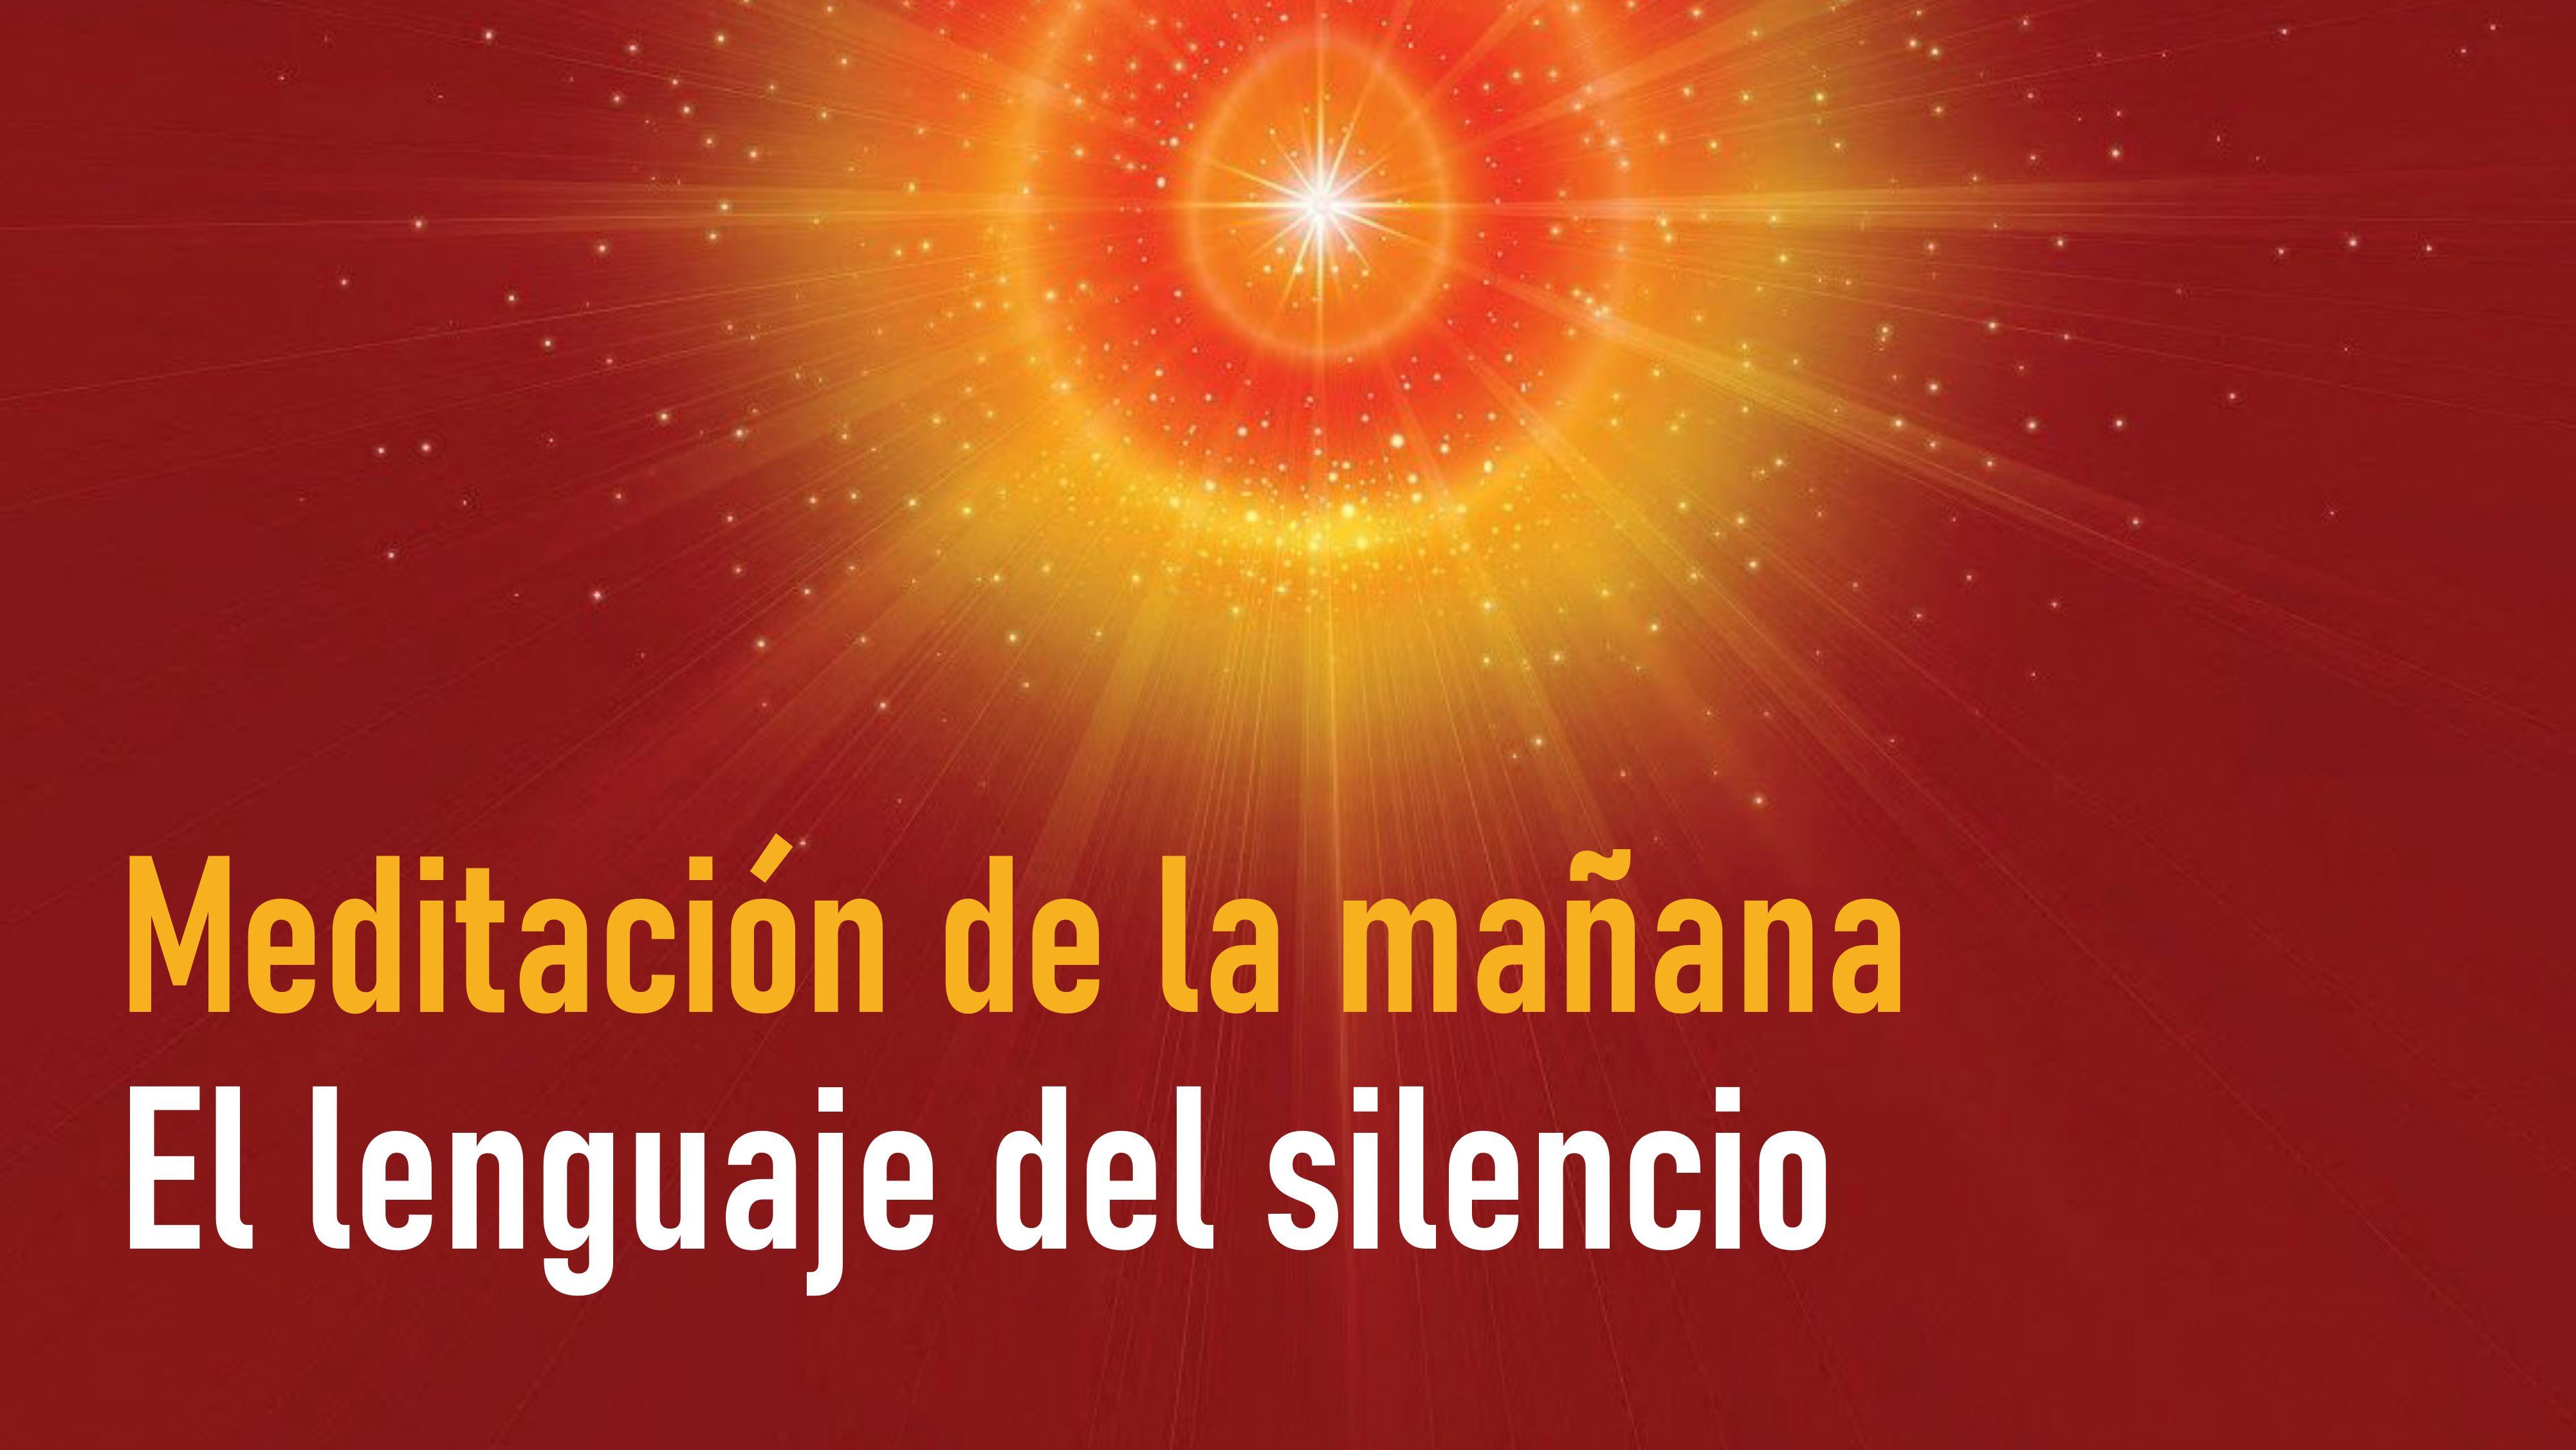 Meditación de la mañana: El lenguaje del silencio (26 Septiembre 2020)